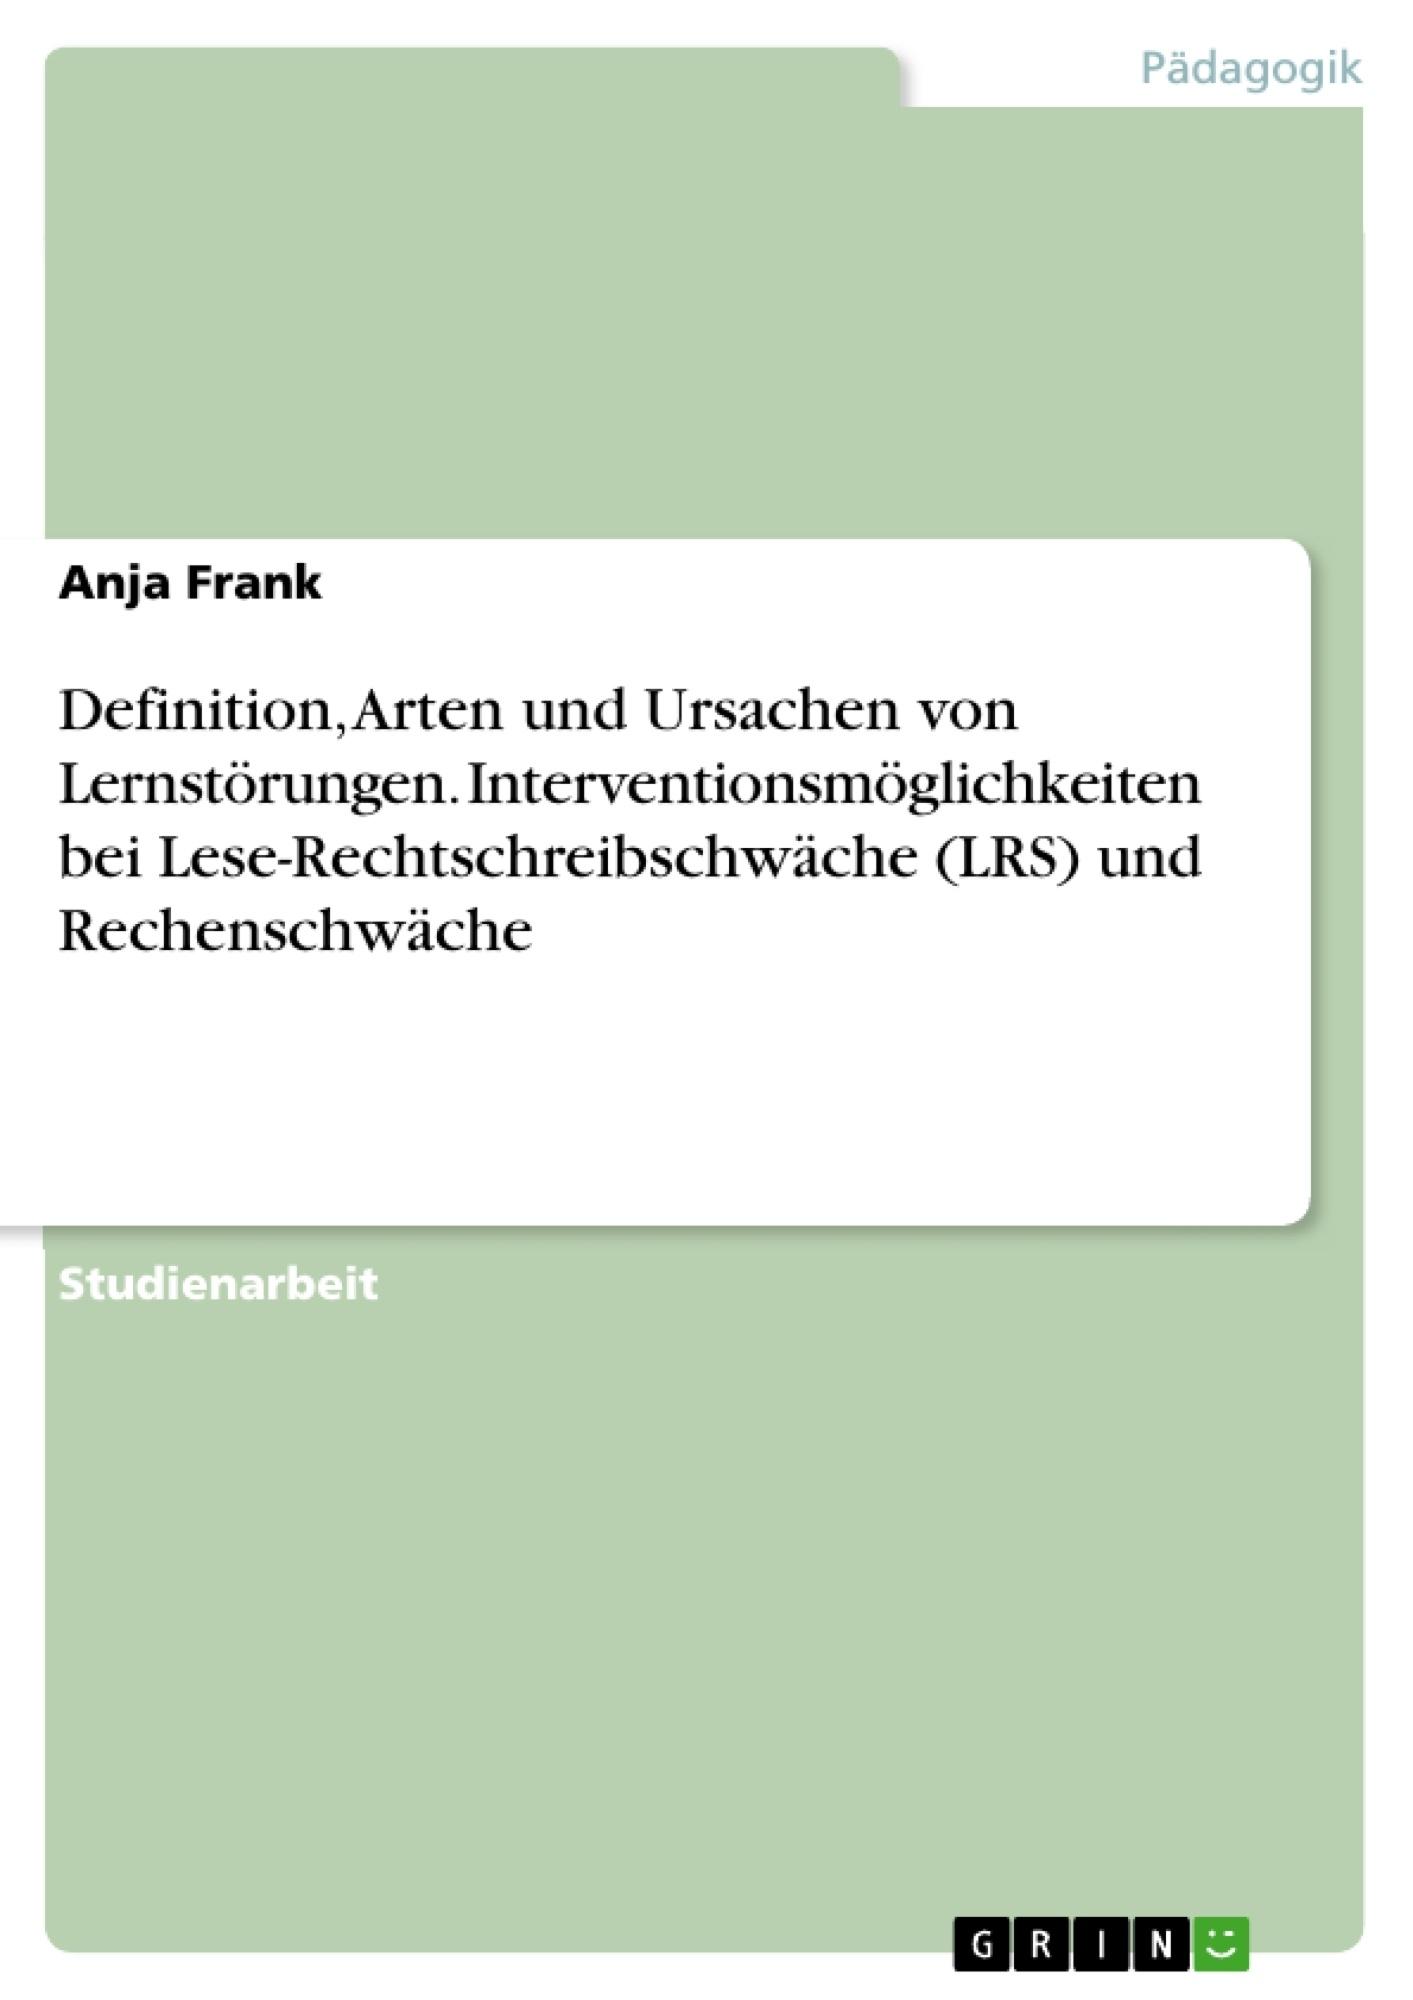 Titel: Definition, Arten und Ursachen von Lernstörungen. Interventionsmöglichkeiten bei Lese-Rechtschreibschwäche (LRS) und Rechenschwäche